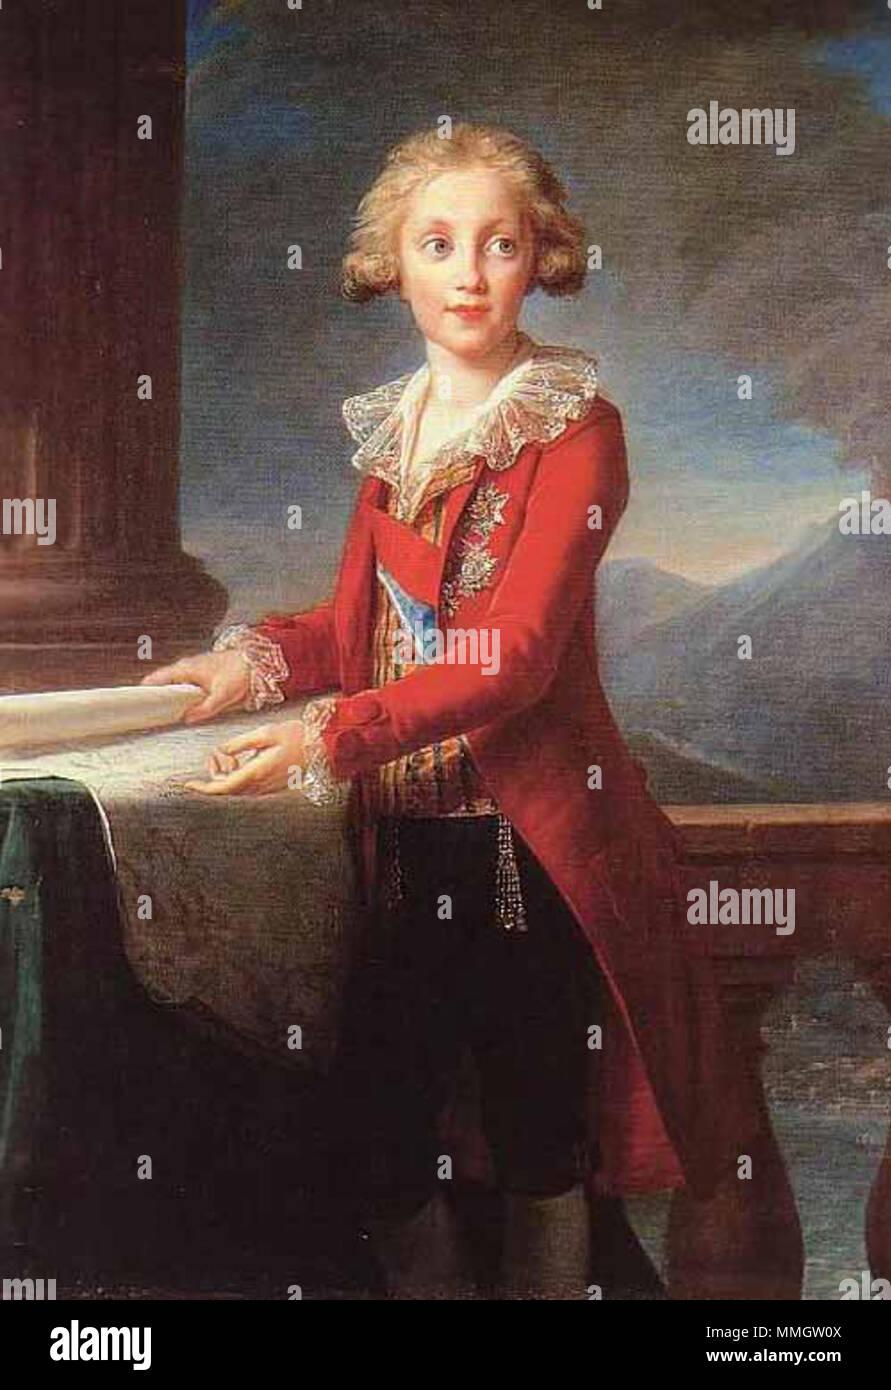 . Francesco di Borbone (1777-1830) était le fils de Ferdinand IV, roi de Naples et de la reine Marie Caroline d'Autriche, sœur de Marie-Antoinette. Francesco est devenu roi de Naples en 1825. Sa fille aînée était le firey Duchesse de Berry (1798-1870) peint en 1828. En 1790 à la demande de la Reine, Vigée le Brun a convenu de retarder son départ de Naples afin de peindre le Prince Francesco et ses trois sœurs Maria Theresa (bientôt l'Impératrice d'Autriche), Maria Luisa (plus tard, la grande-duchesse de Toscane) et Maria Christina (plus tard la reine de Sardaigne). Francesco I di Borbone. 1790. Francesco I v Banque D'Images